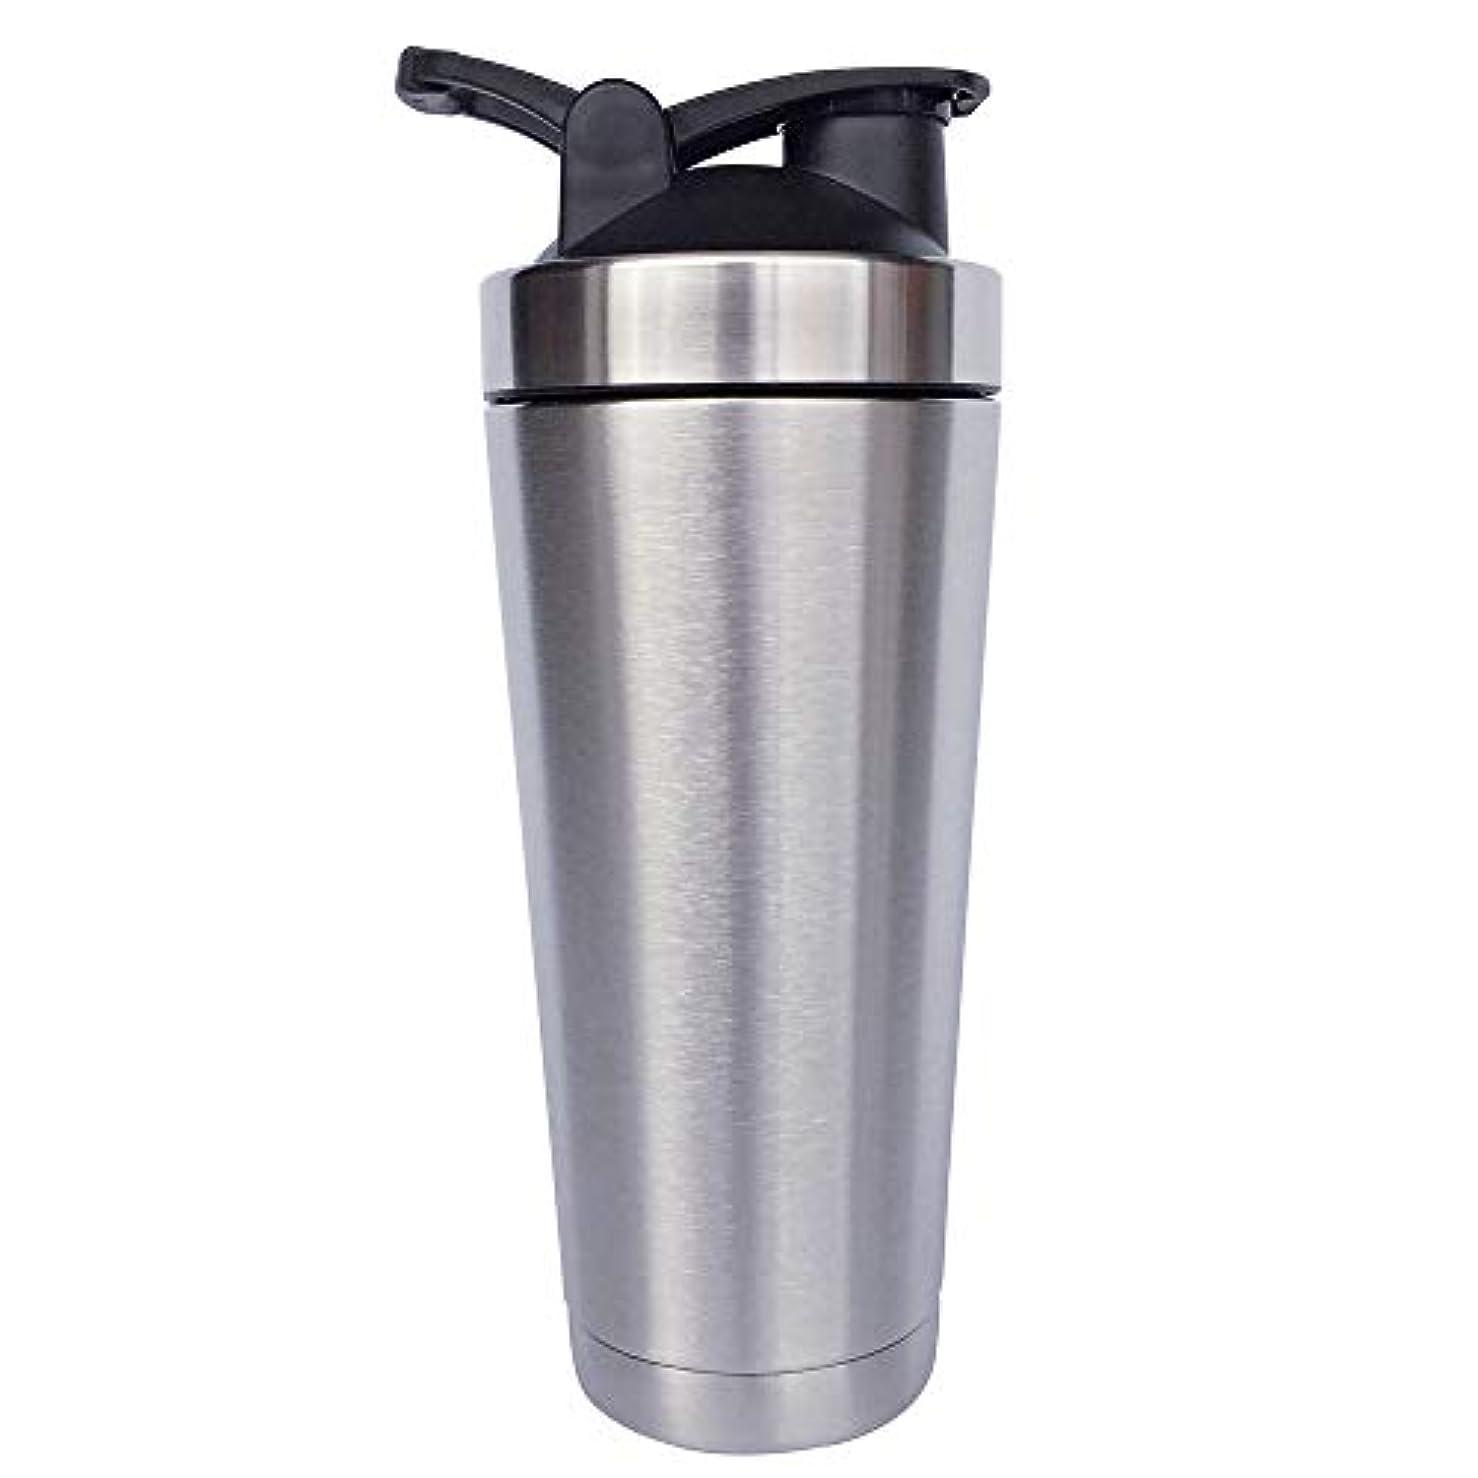 エミュレートする殉教者論争シェーカーボトル-二重壁ステンレス鋼 & 真空断熱-時間のためのホットまたはコールドドリンクをキープ-臭気耐性抗菌汗プルーフ-環境にやさしい無毒 (銀),720ml